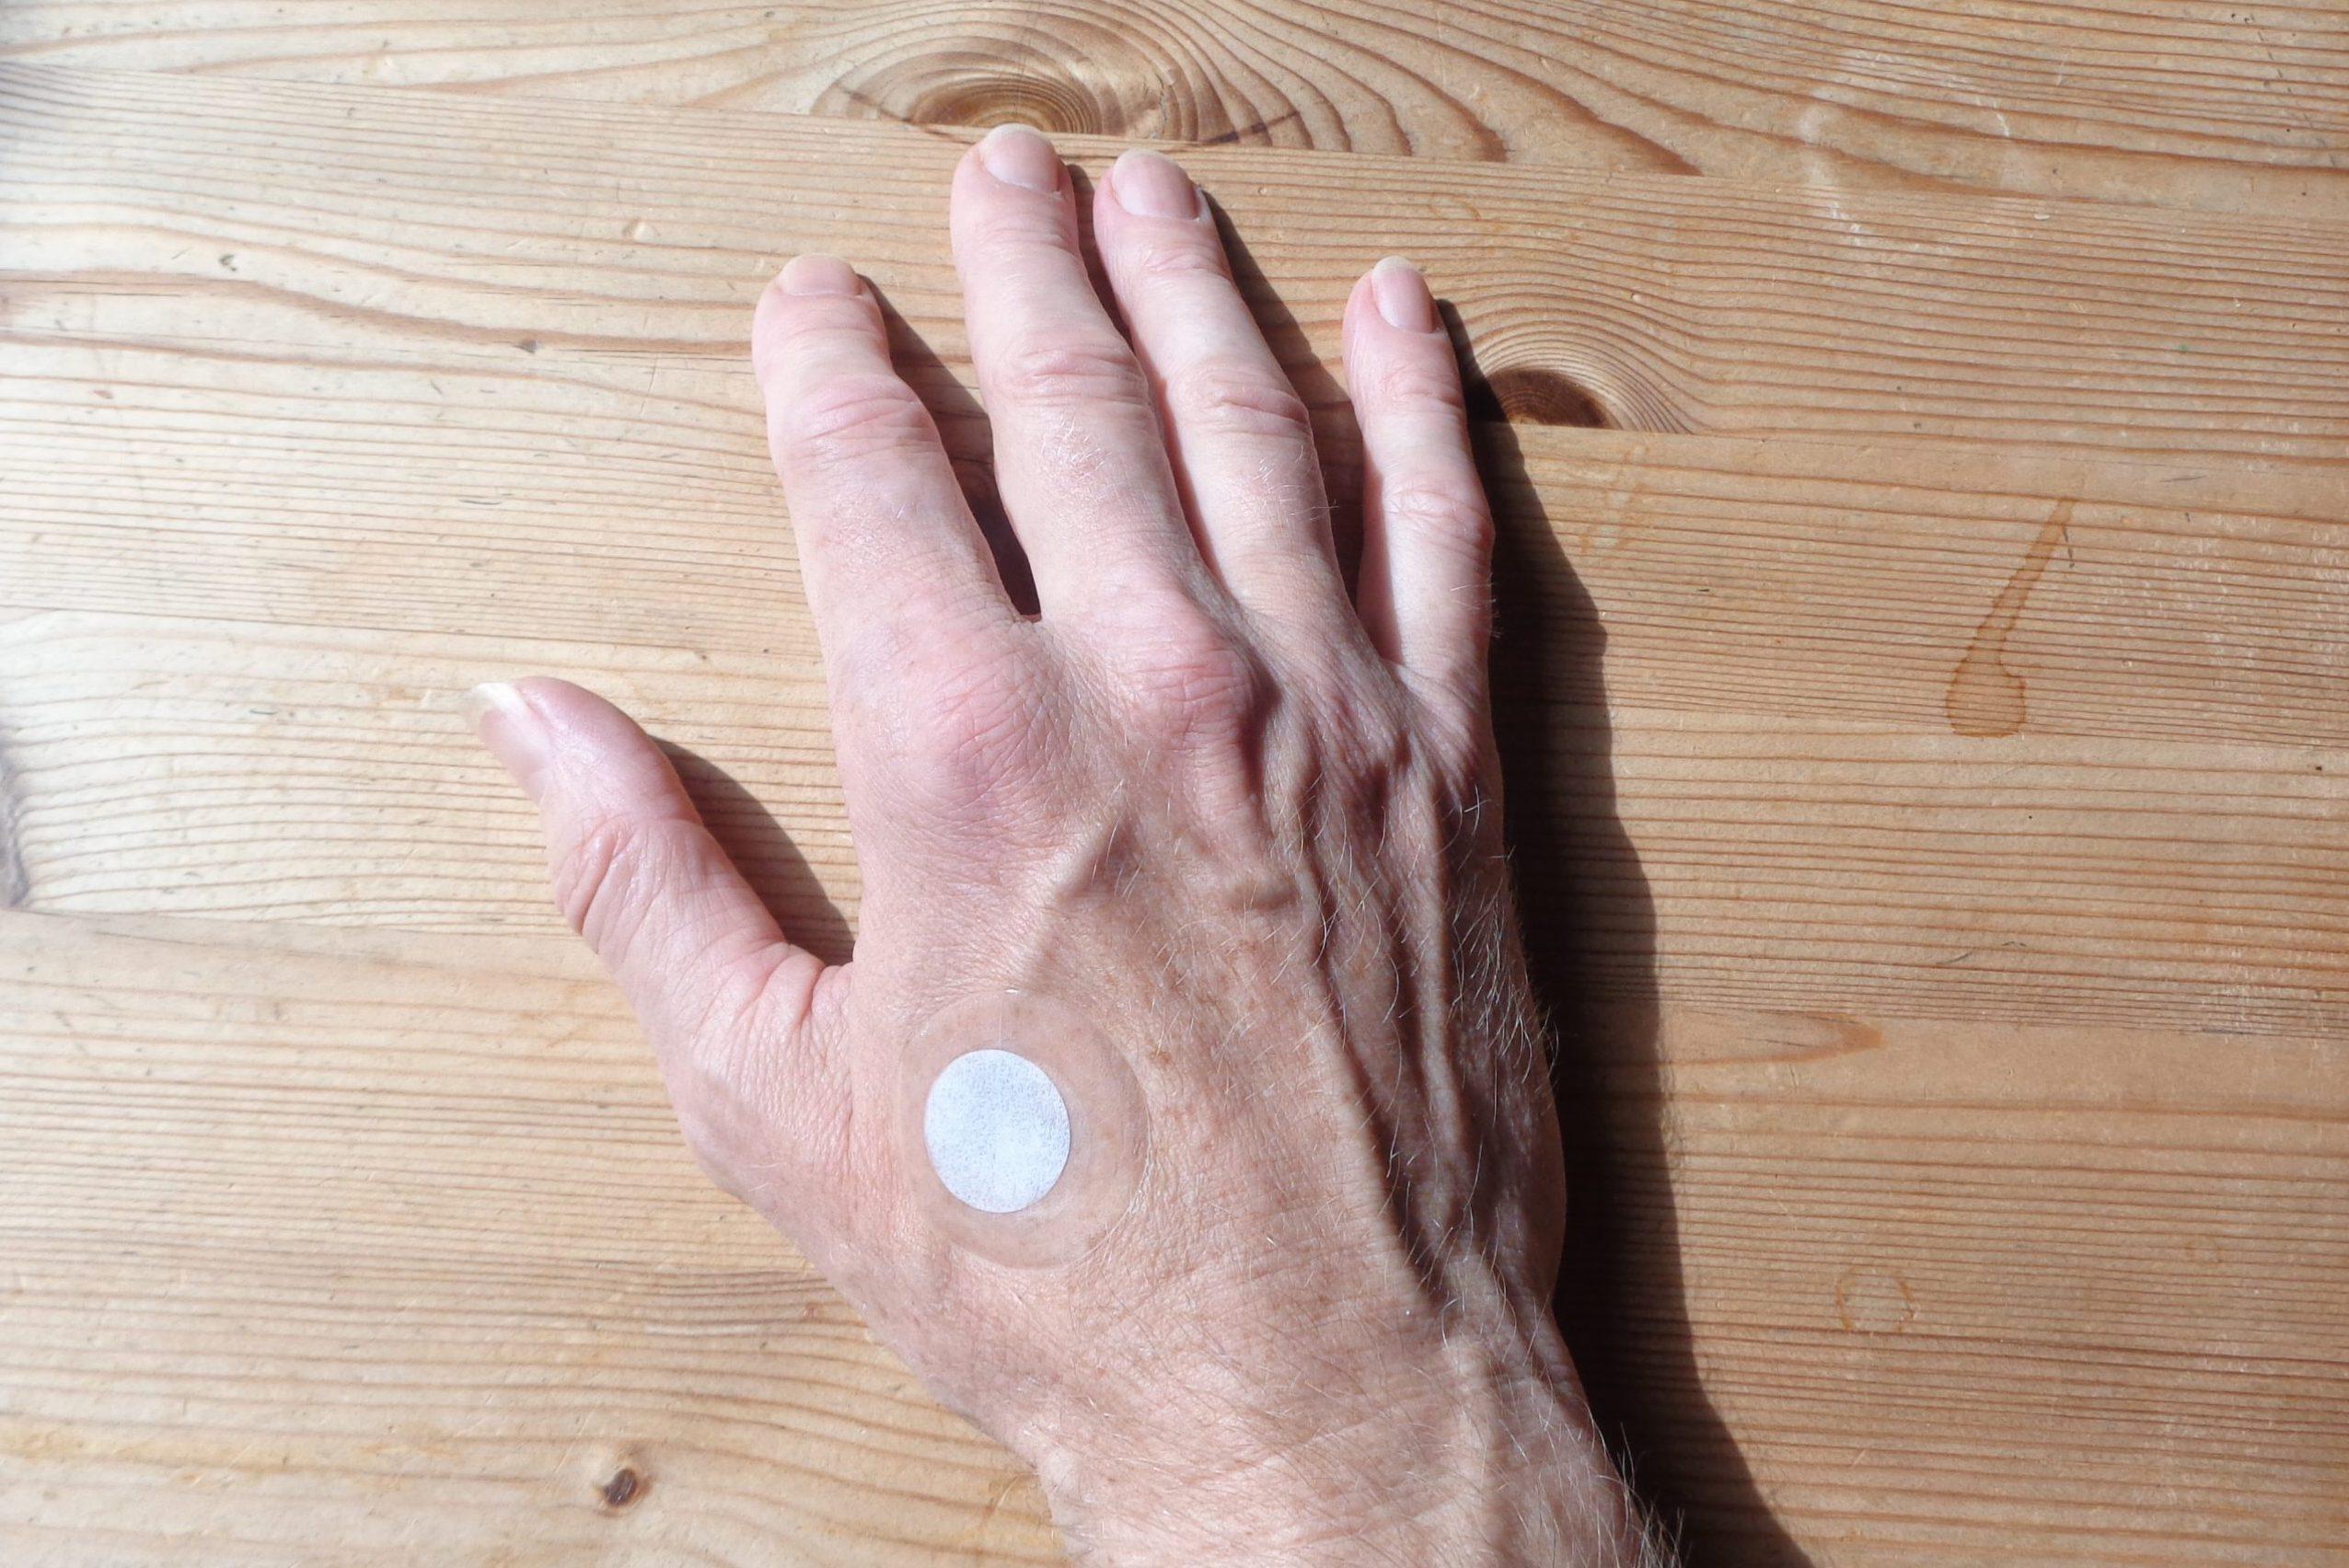 Lifewaves Aeon-plaster på højre hånd.